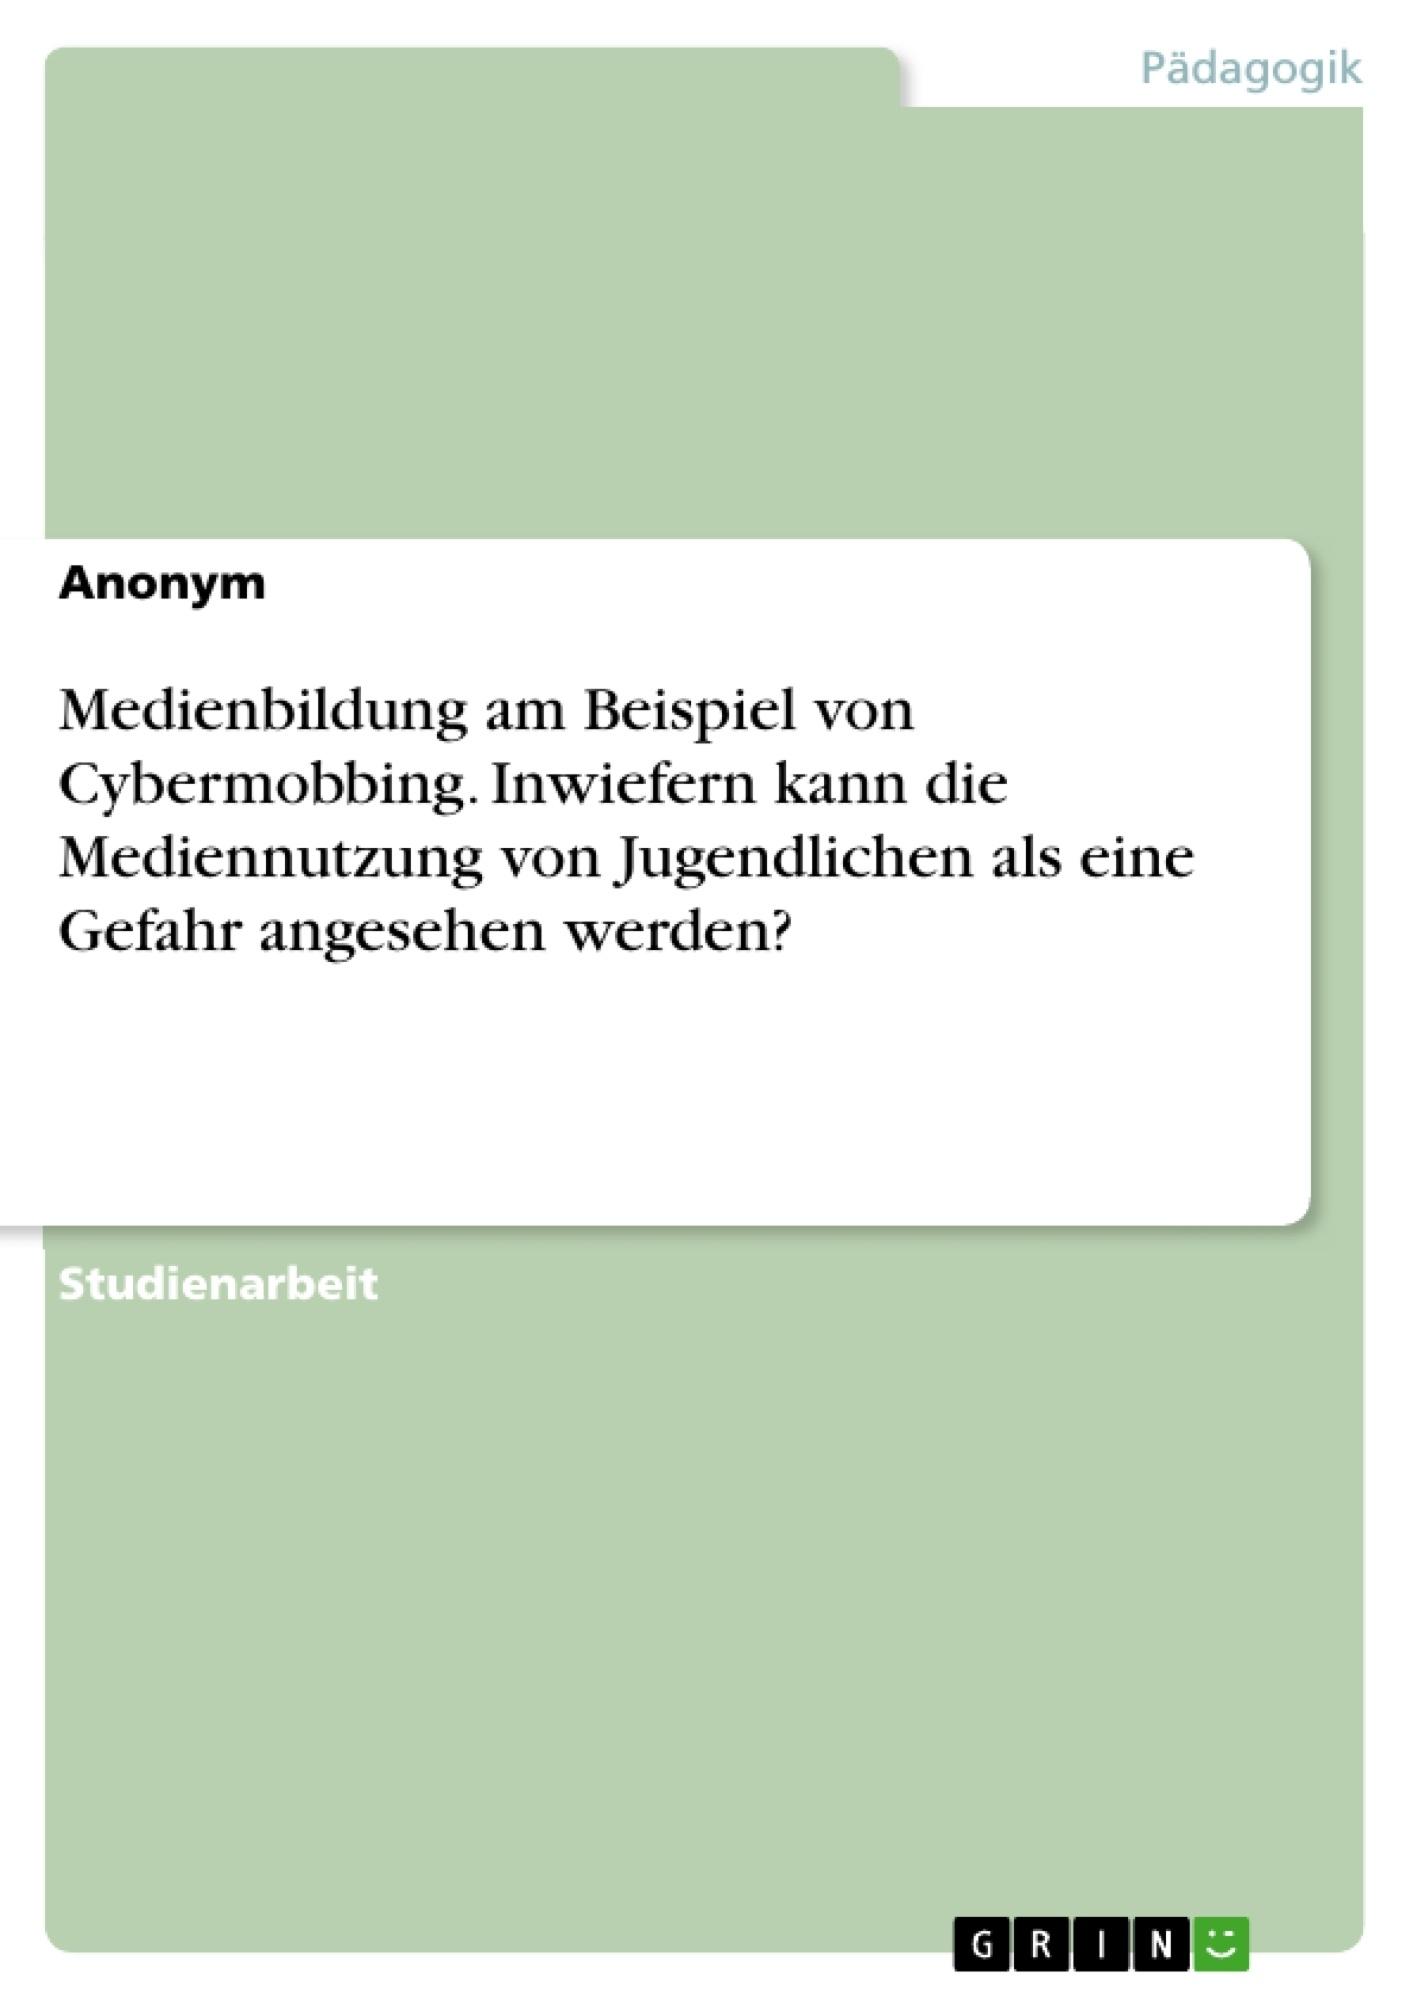 Titel: Medienbildung am Beispiel von Cybermobbing. Inwiefern kann die Mediennutzung von Jugendlichen als eine Gefahr angesehen werden?